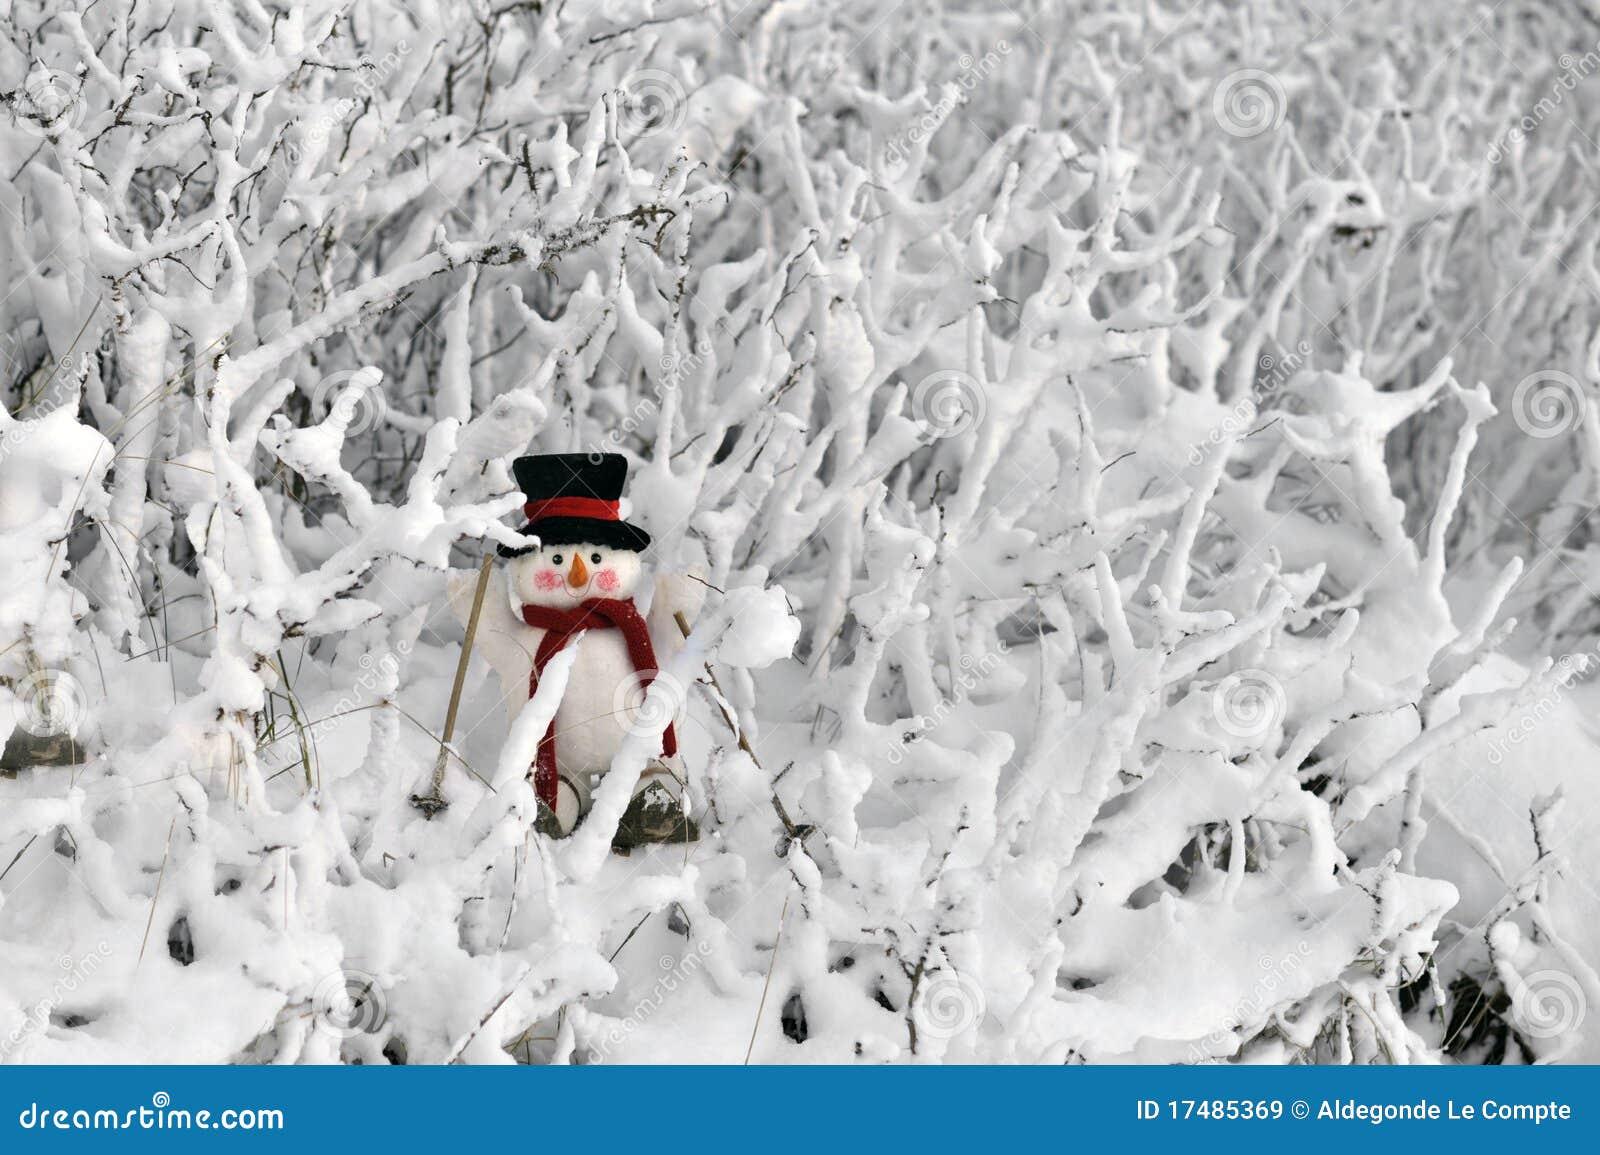 Snowman skiing in winter landscape